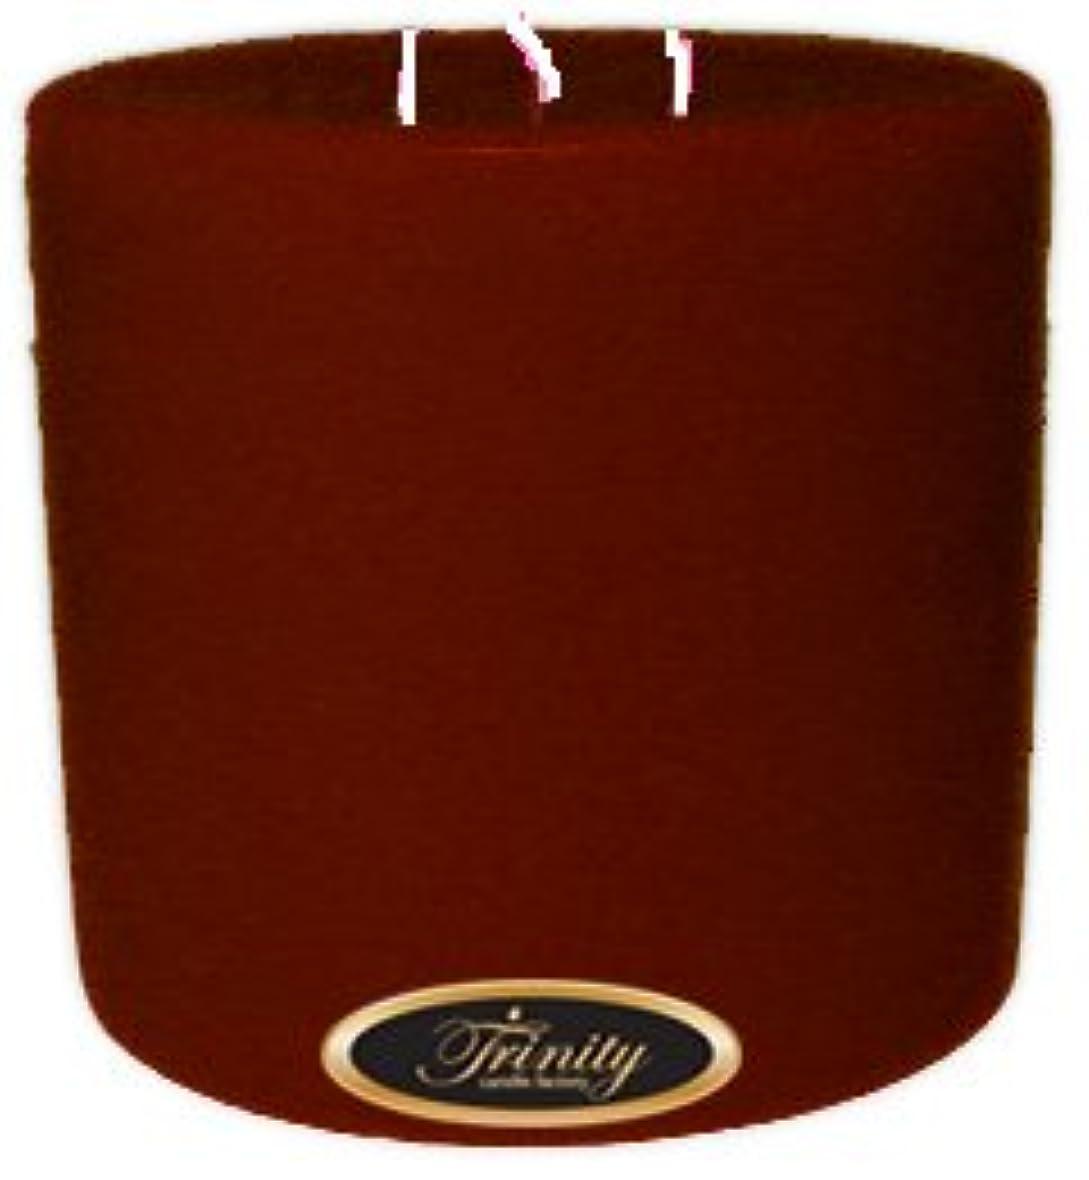 運命的なしないでください擬人化Trinity Candle工場 – クローブスパイス – Pillar Candle – 6 x 6